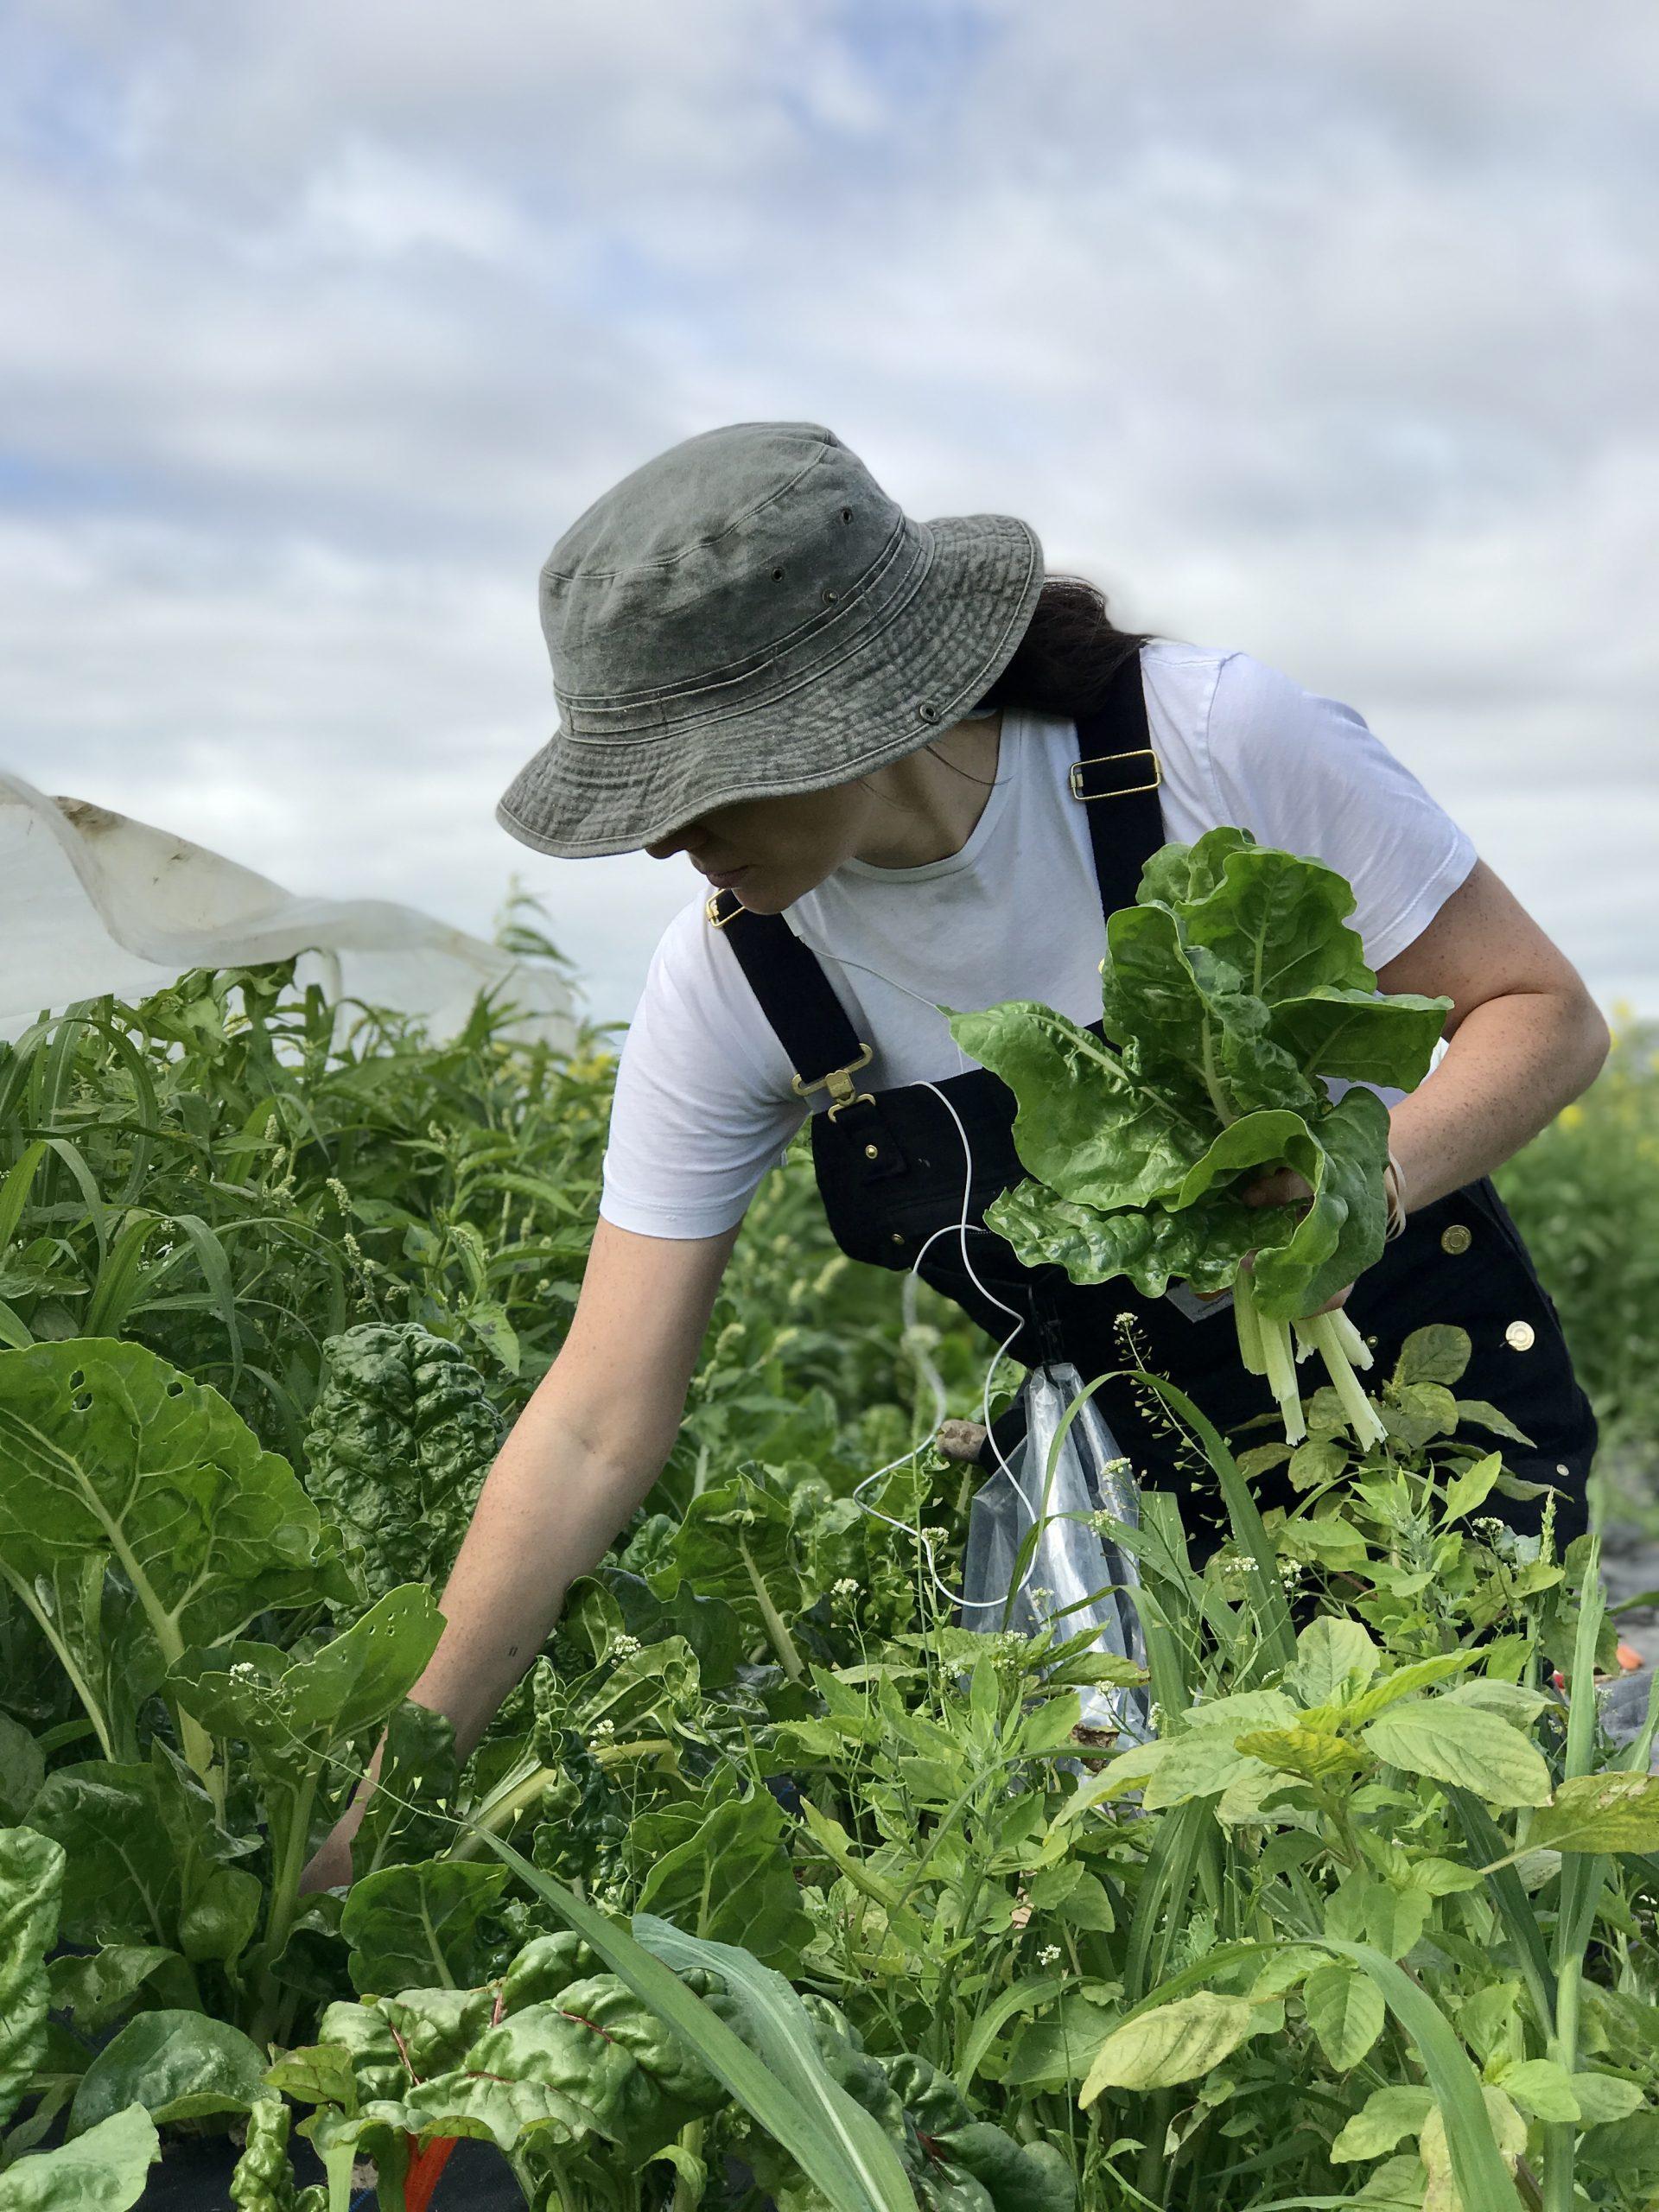 kpu farm school job tsawwassen